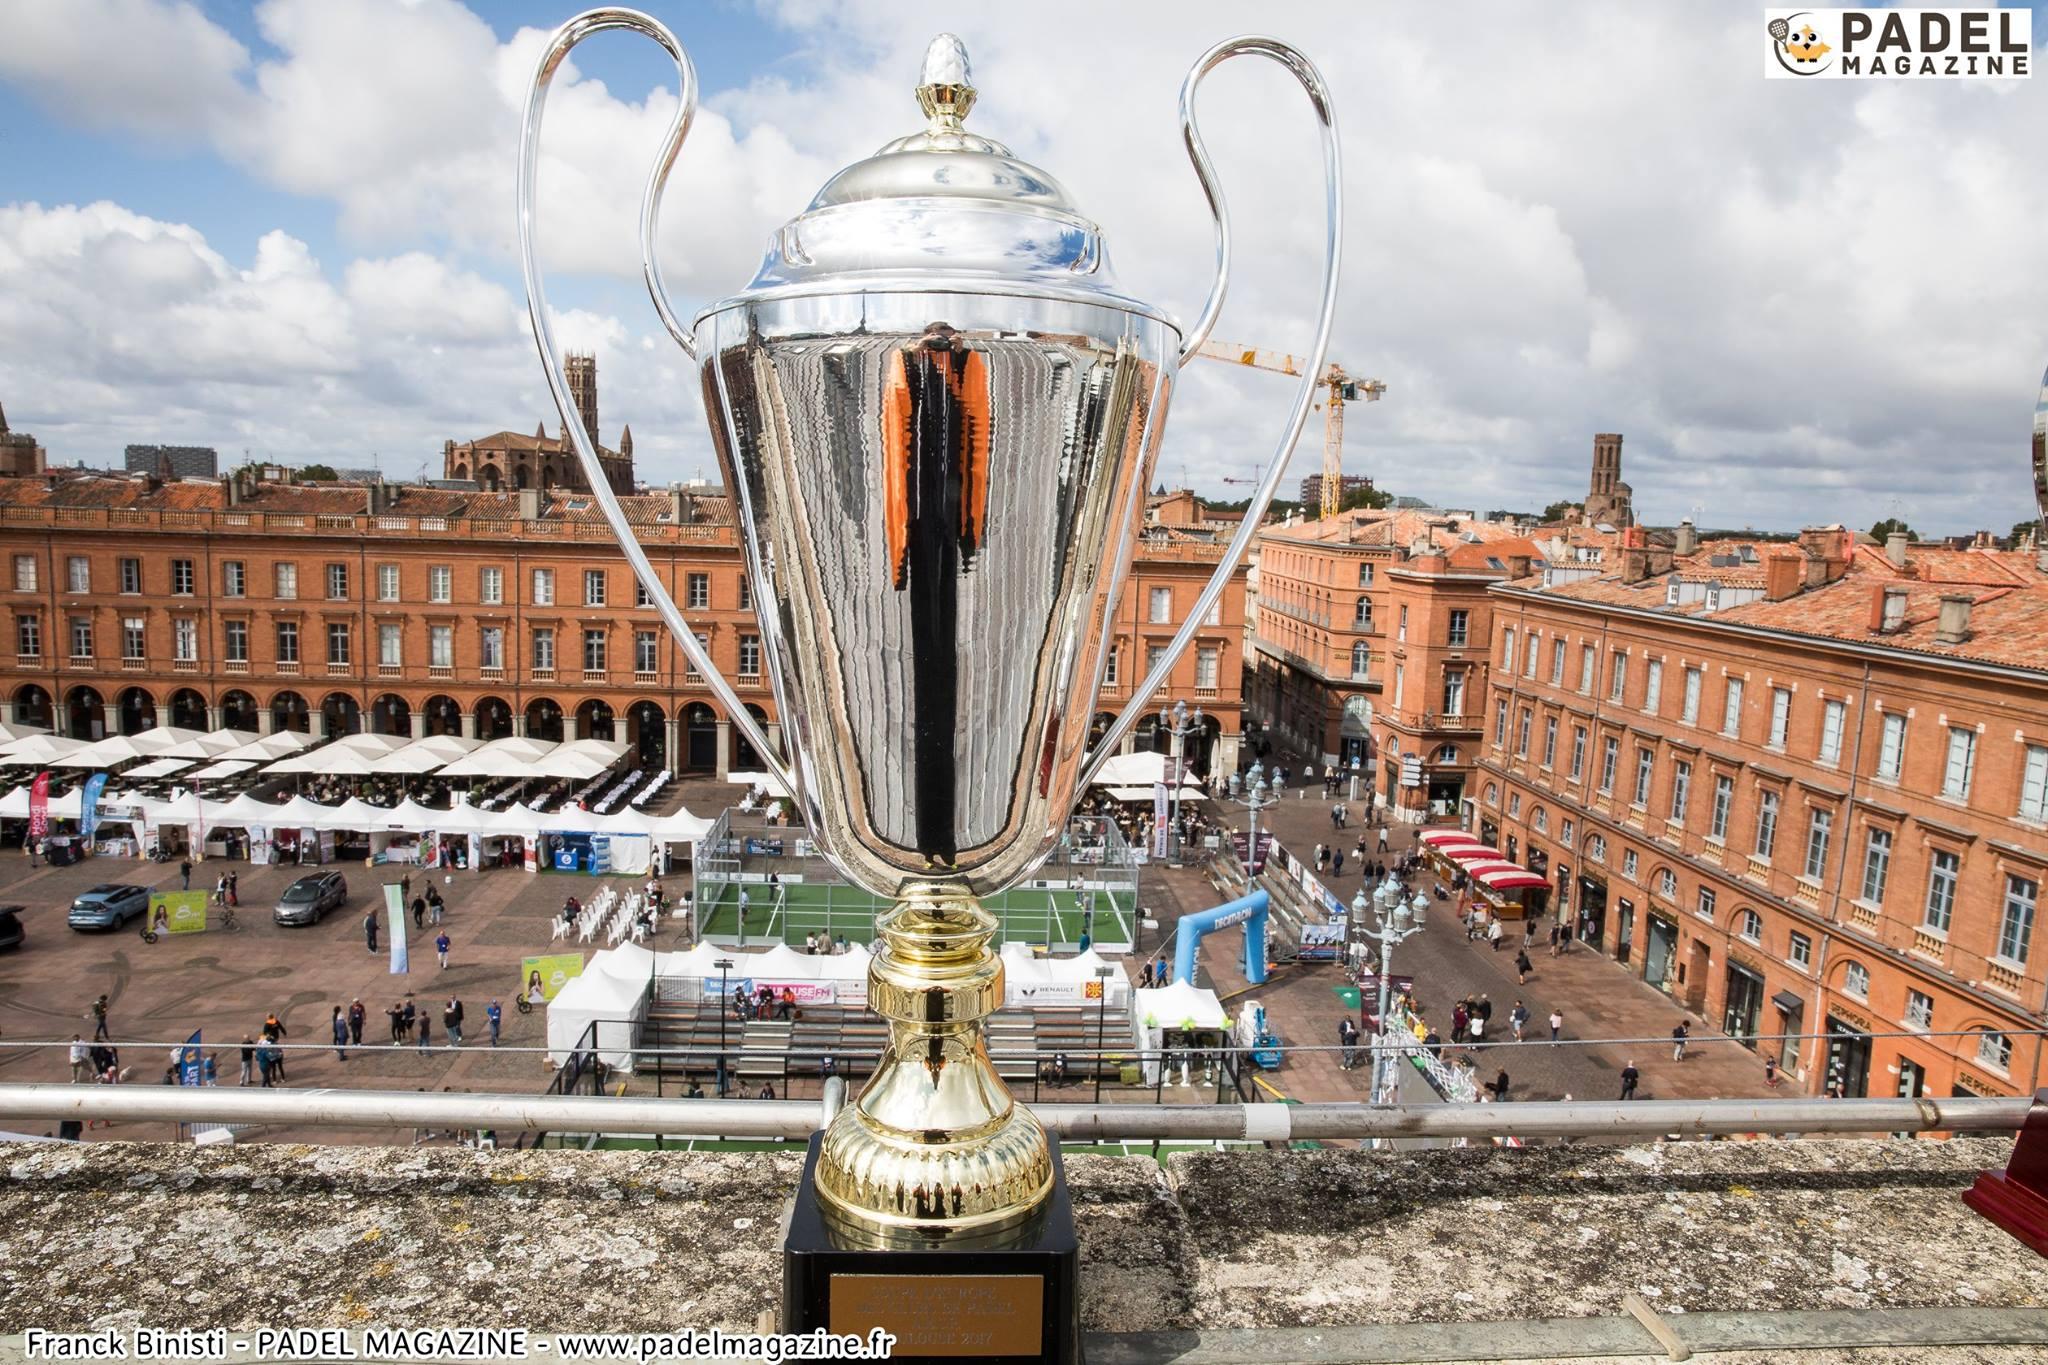 Associazione europea di club Padel presenta la Coppa Europa dei club.